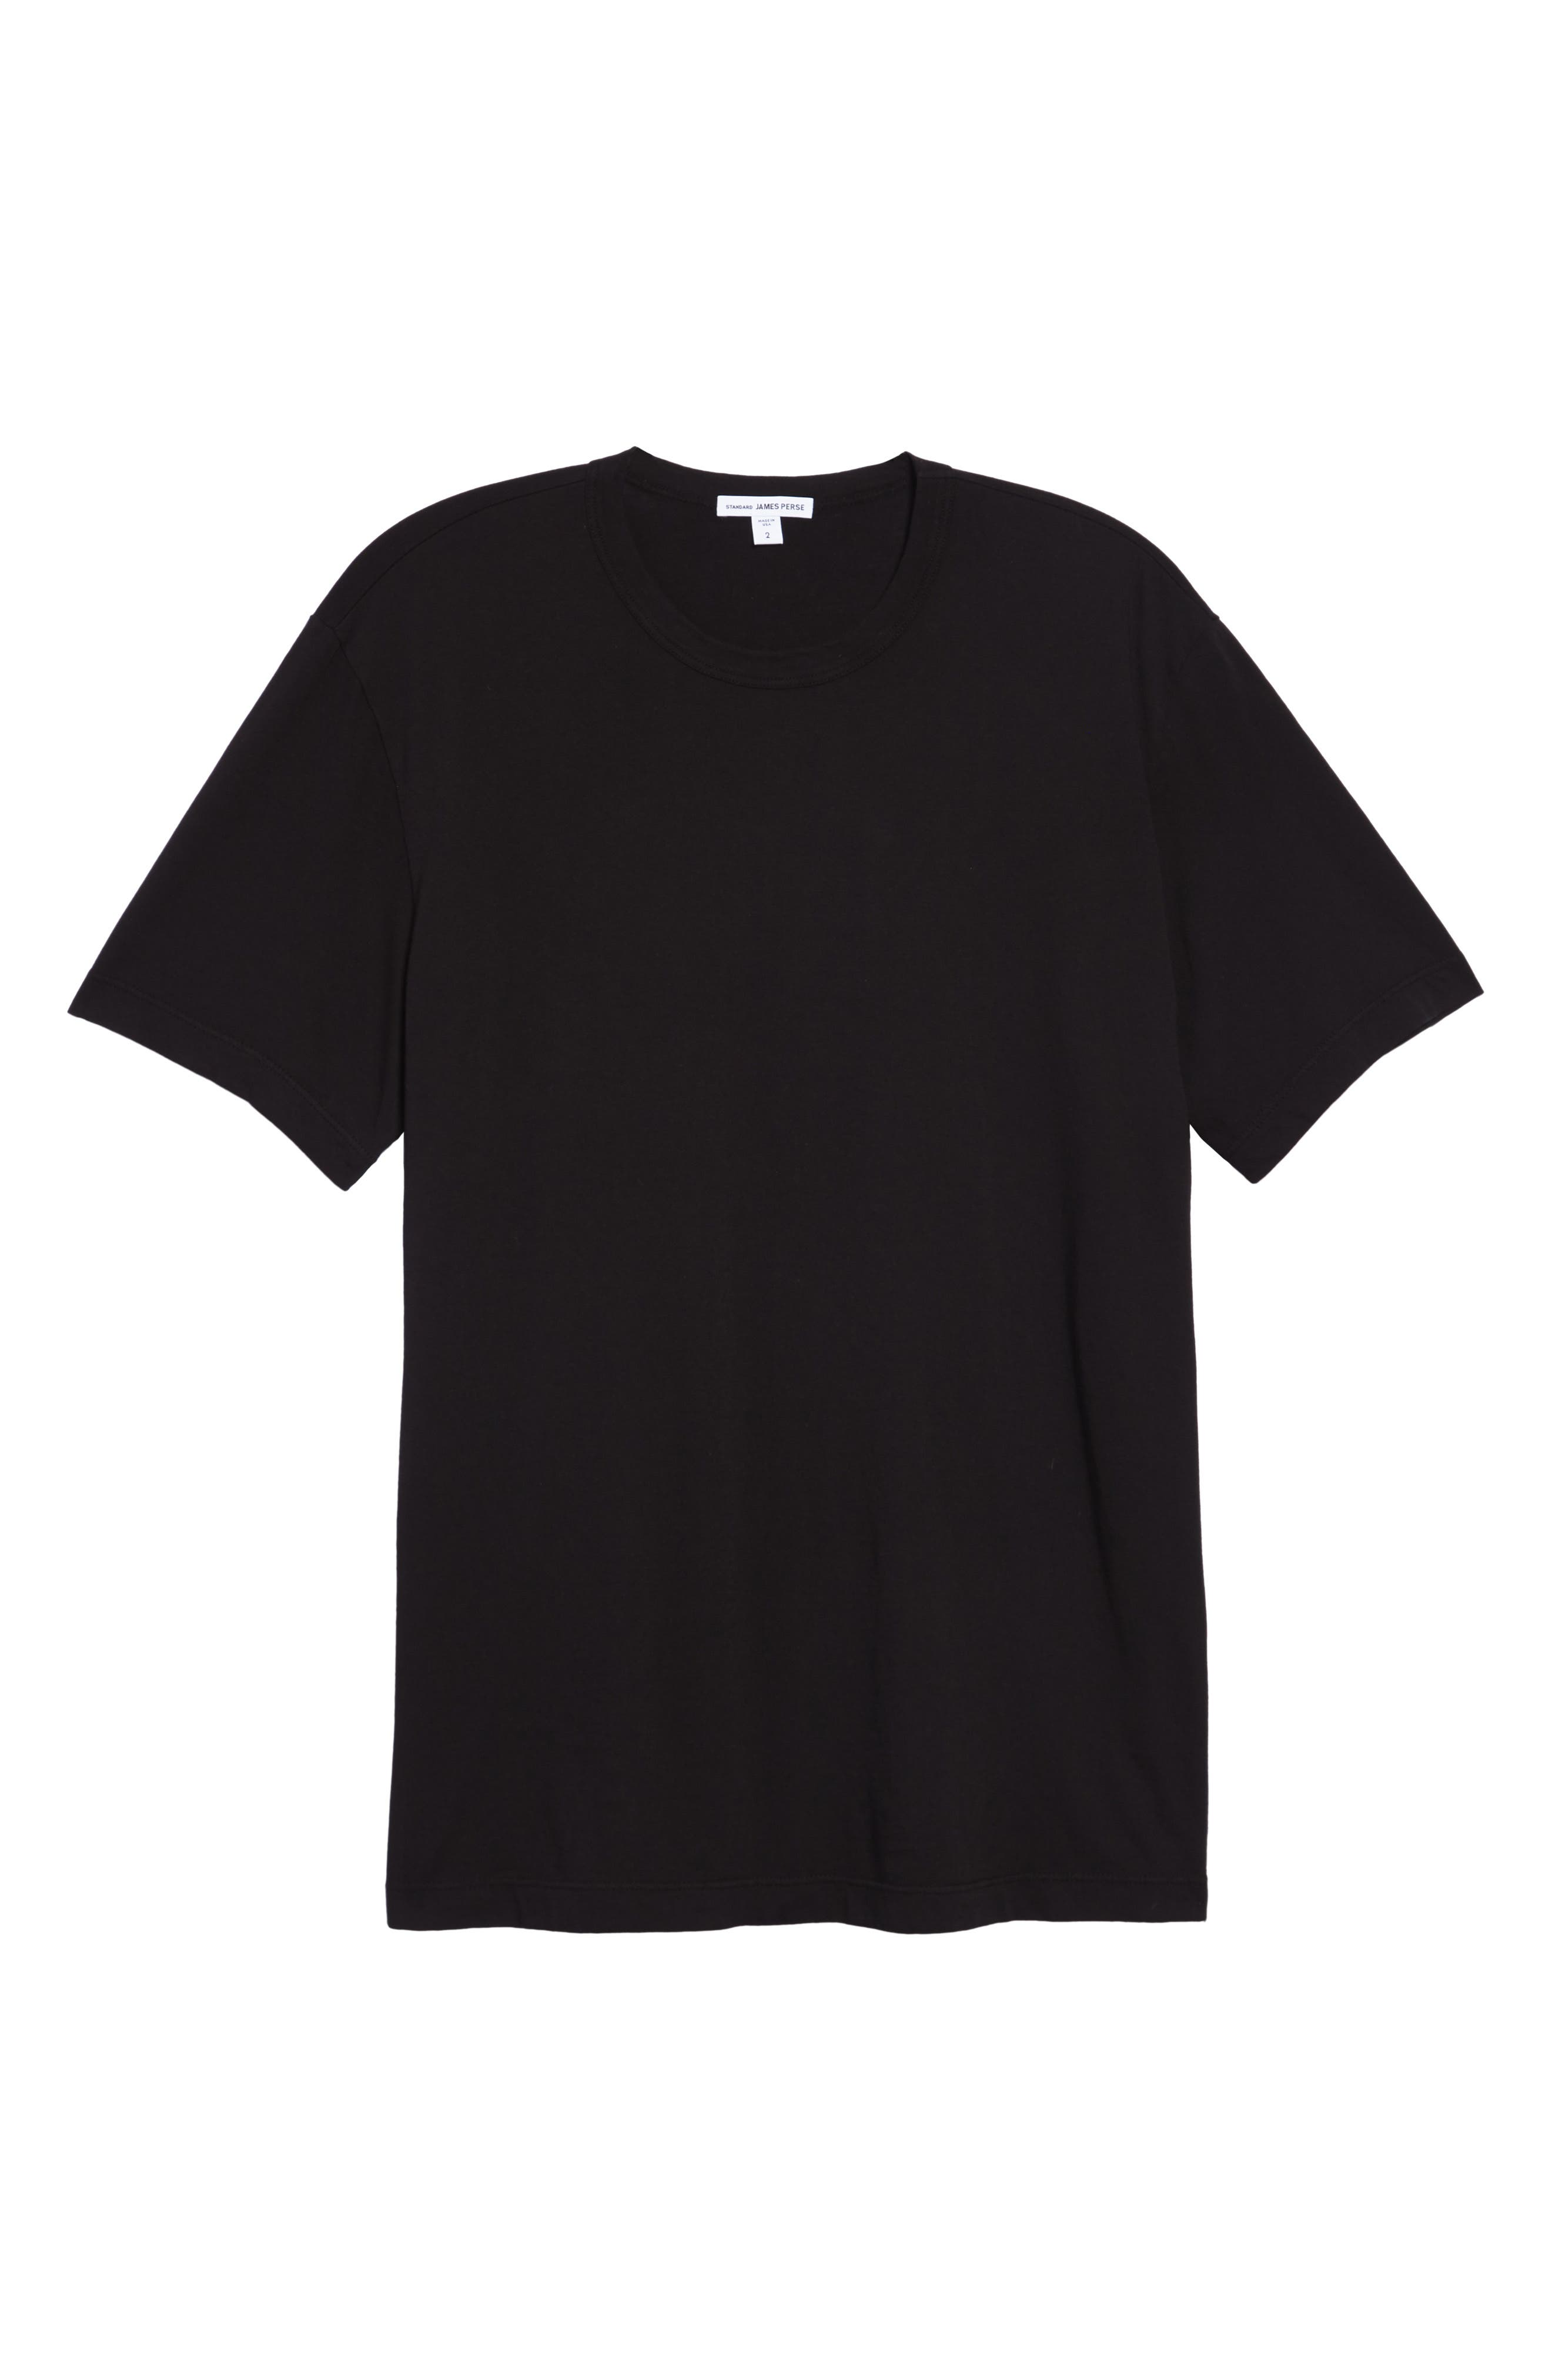 JAMES PERSE Crewneck Jersey T-Shirt, Main, color, BLACK